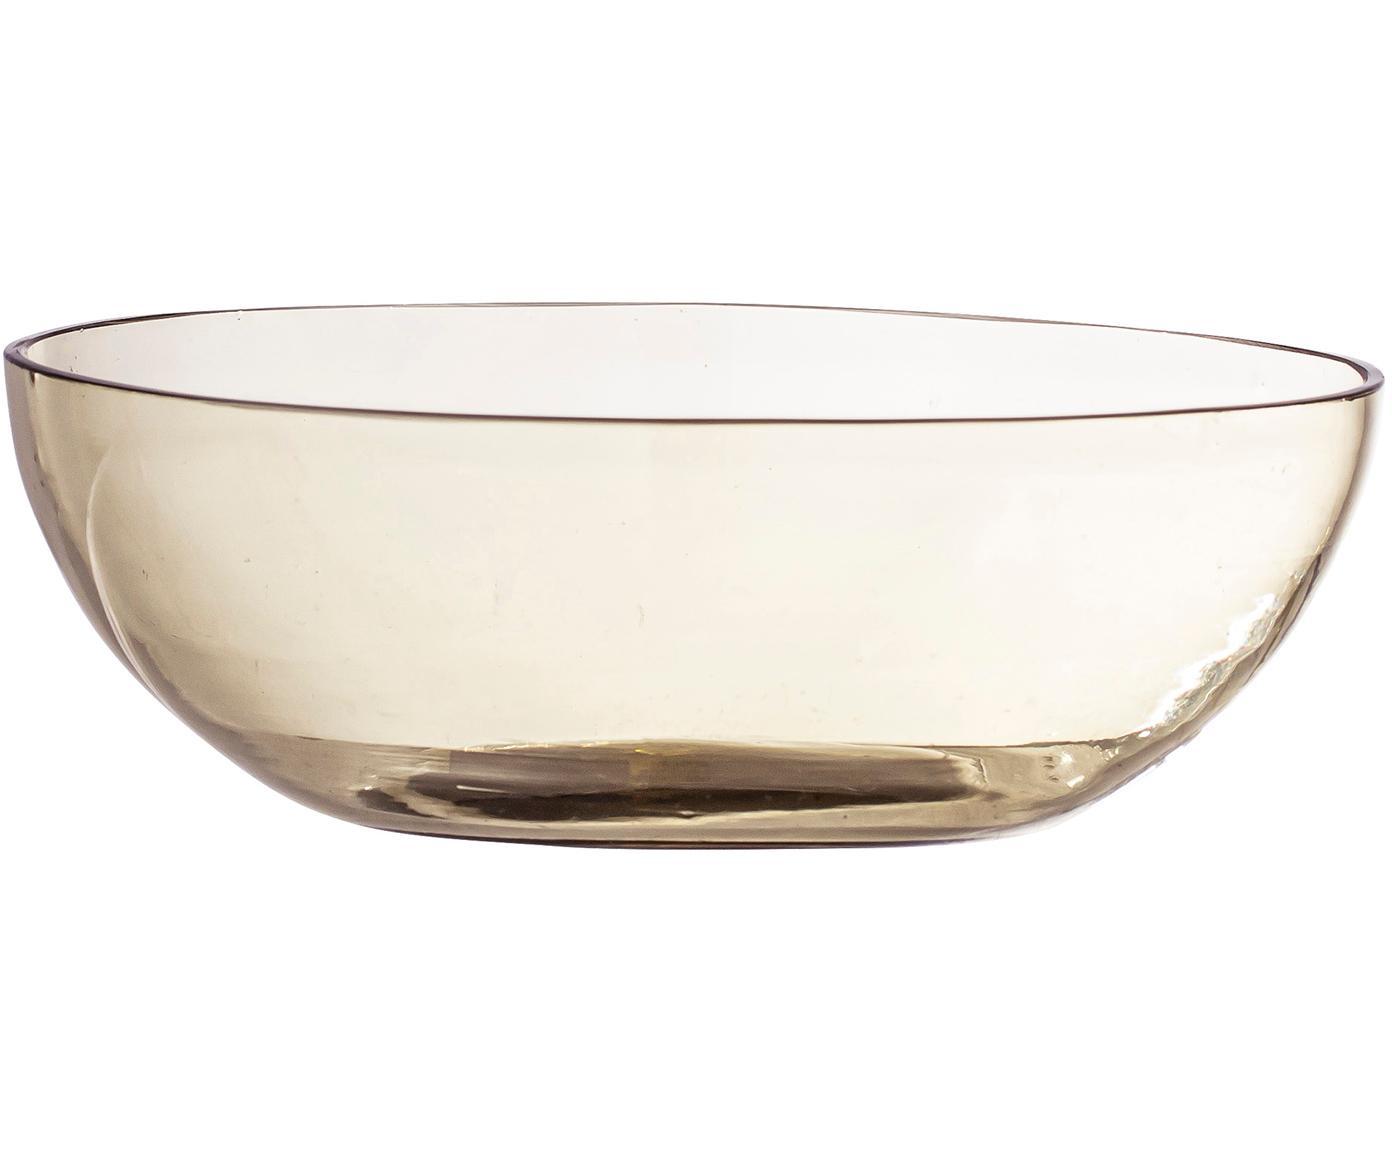 Schaal Casie van gerecycled glas, Gerecycled glas, Bruin, transparant, Ø 5 x H 15 cm